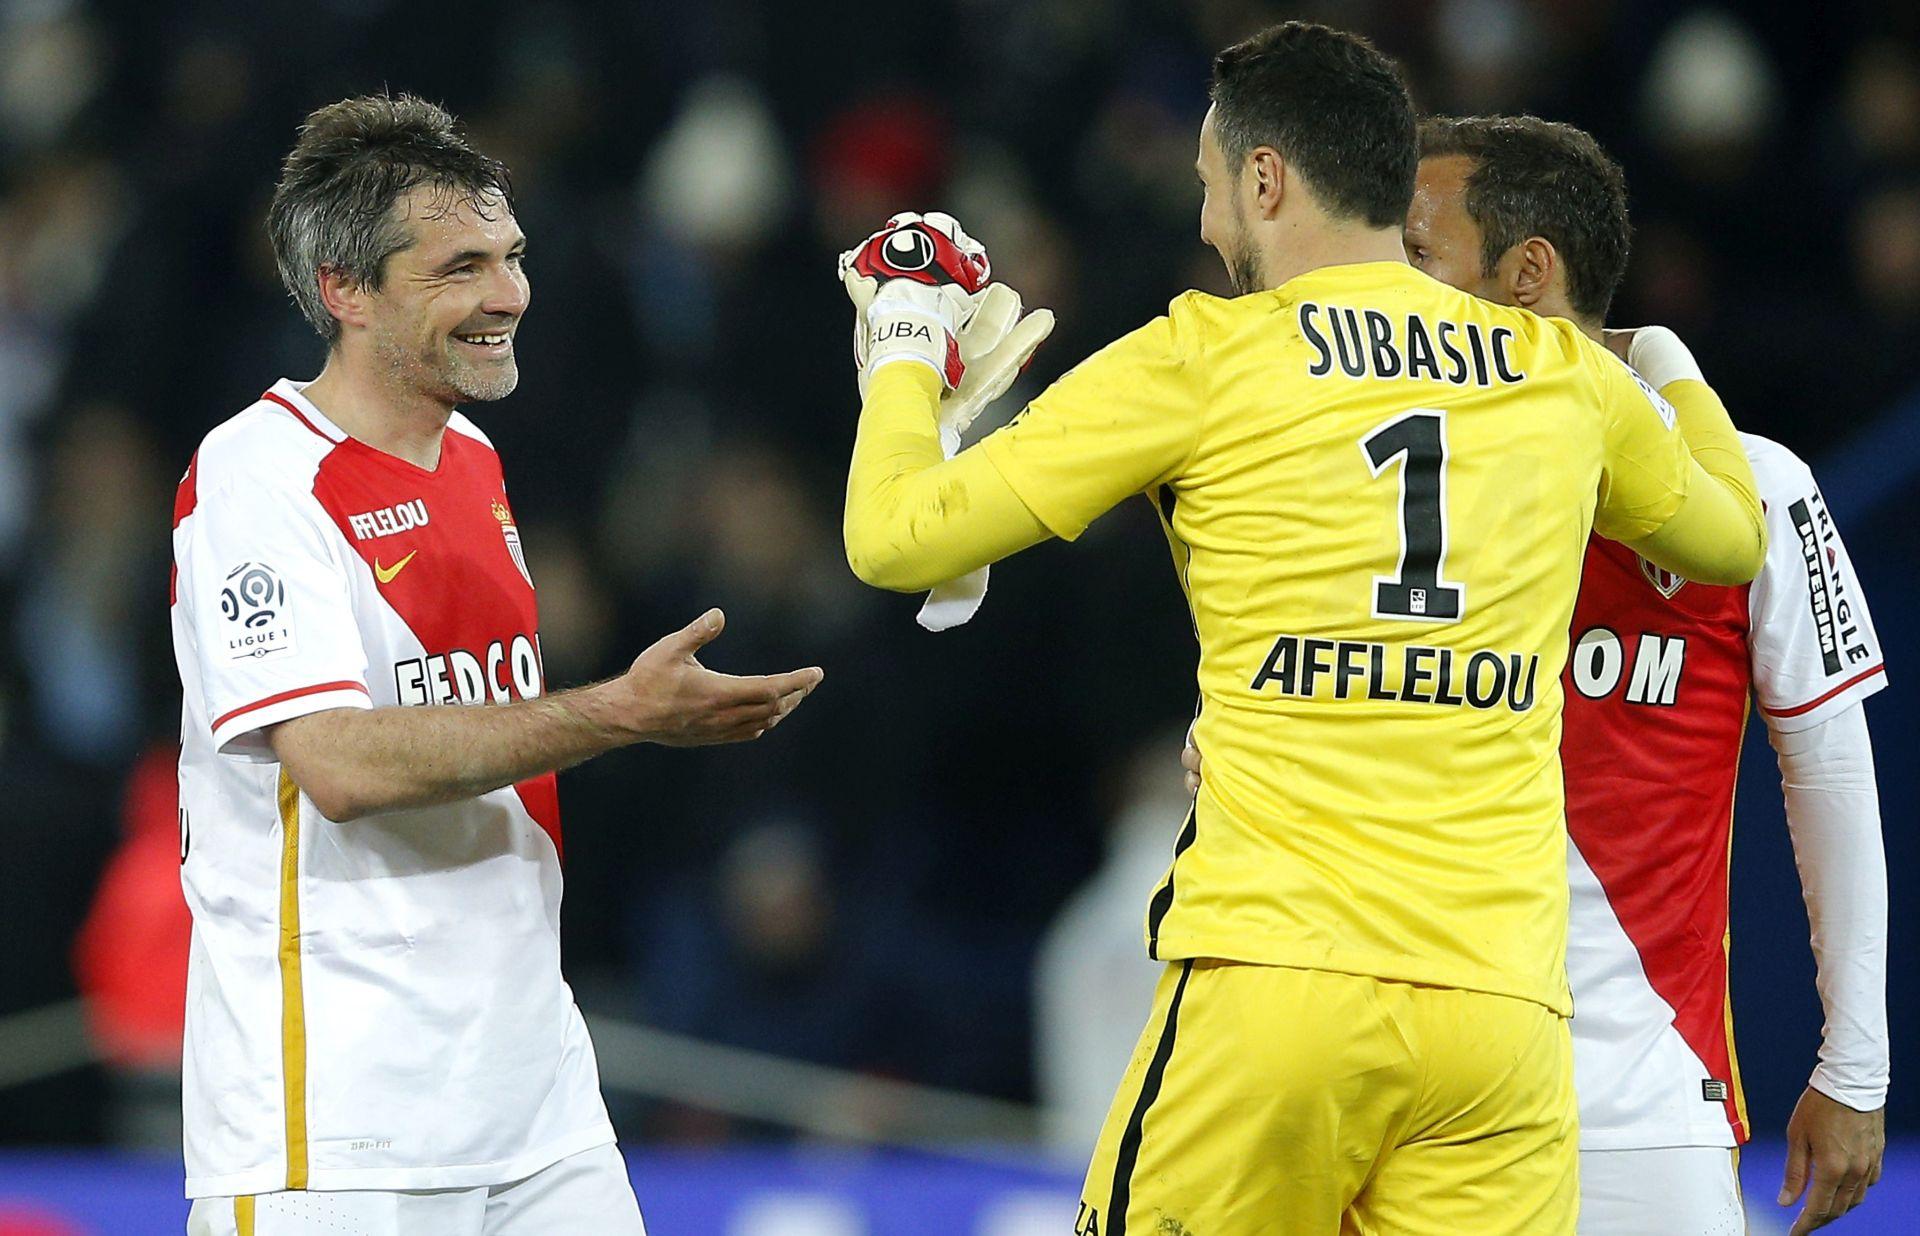 Francuska: Monaco – Lille 2-1, Subašić branio